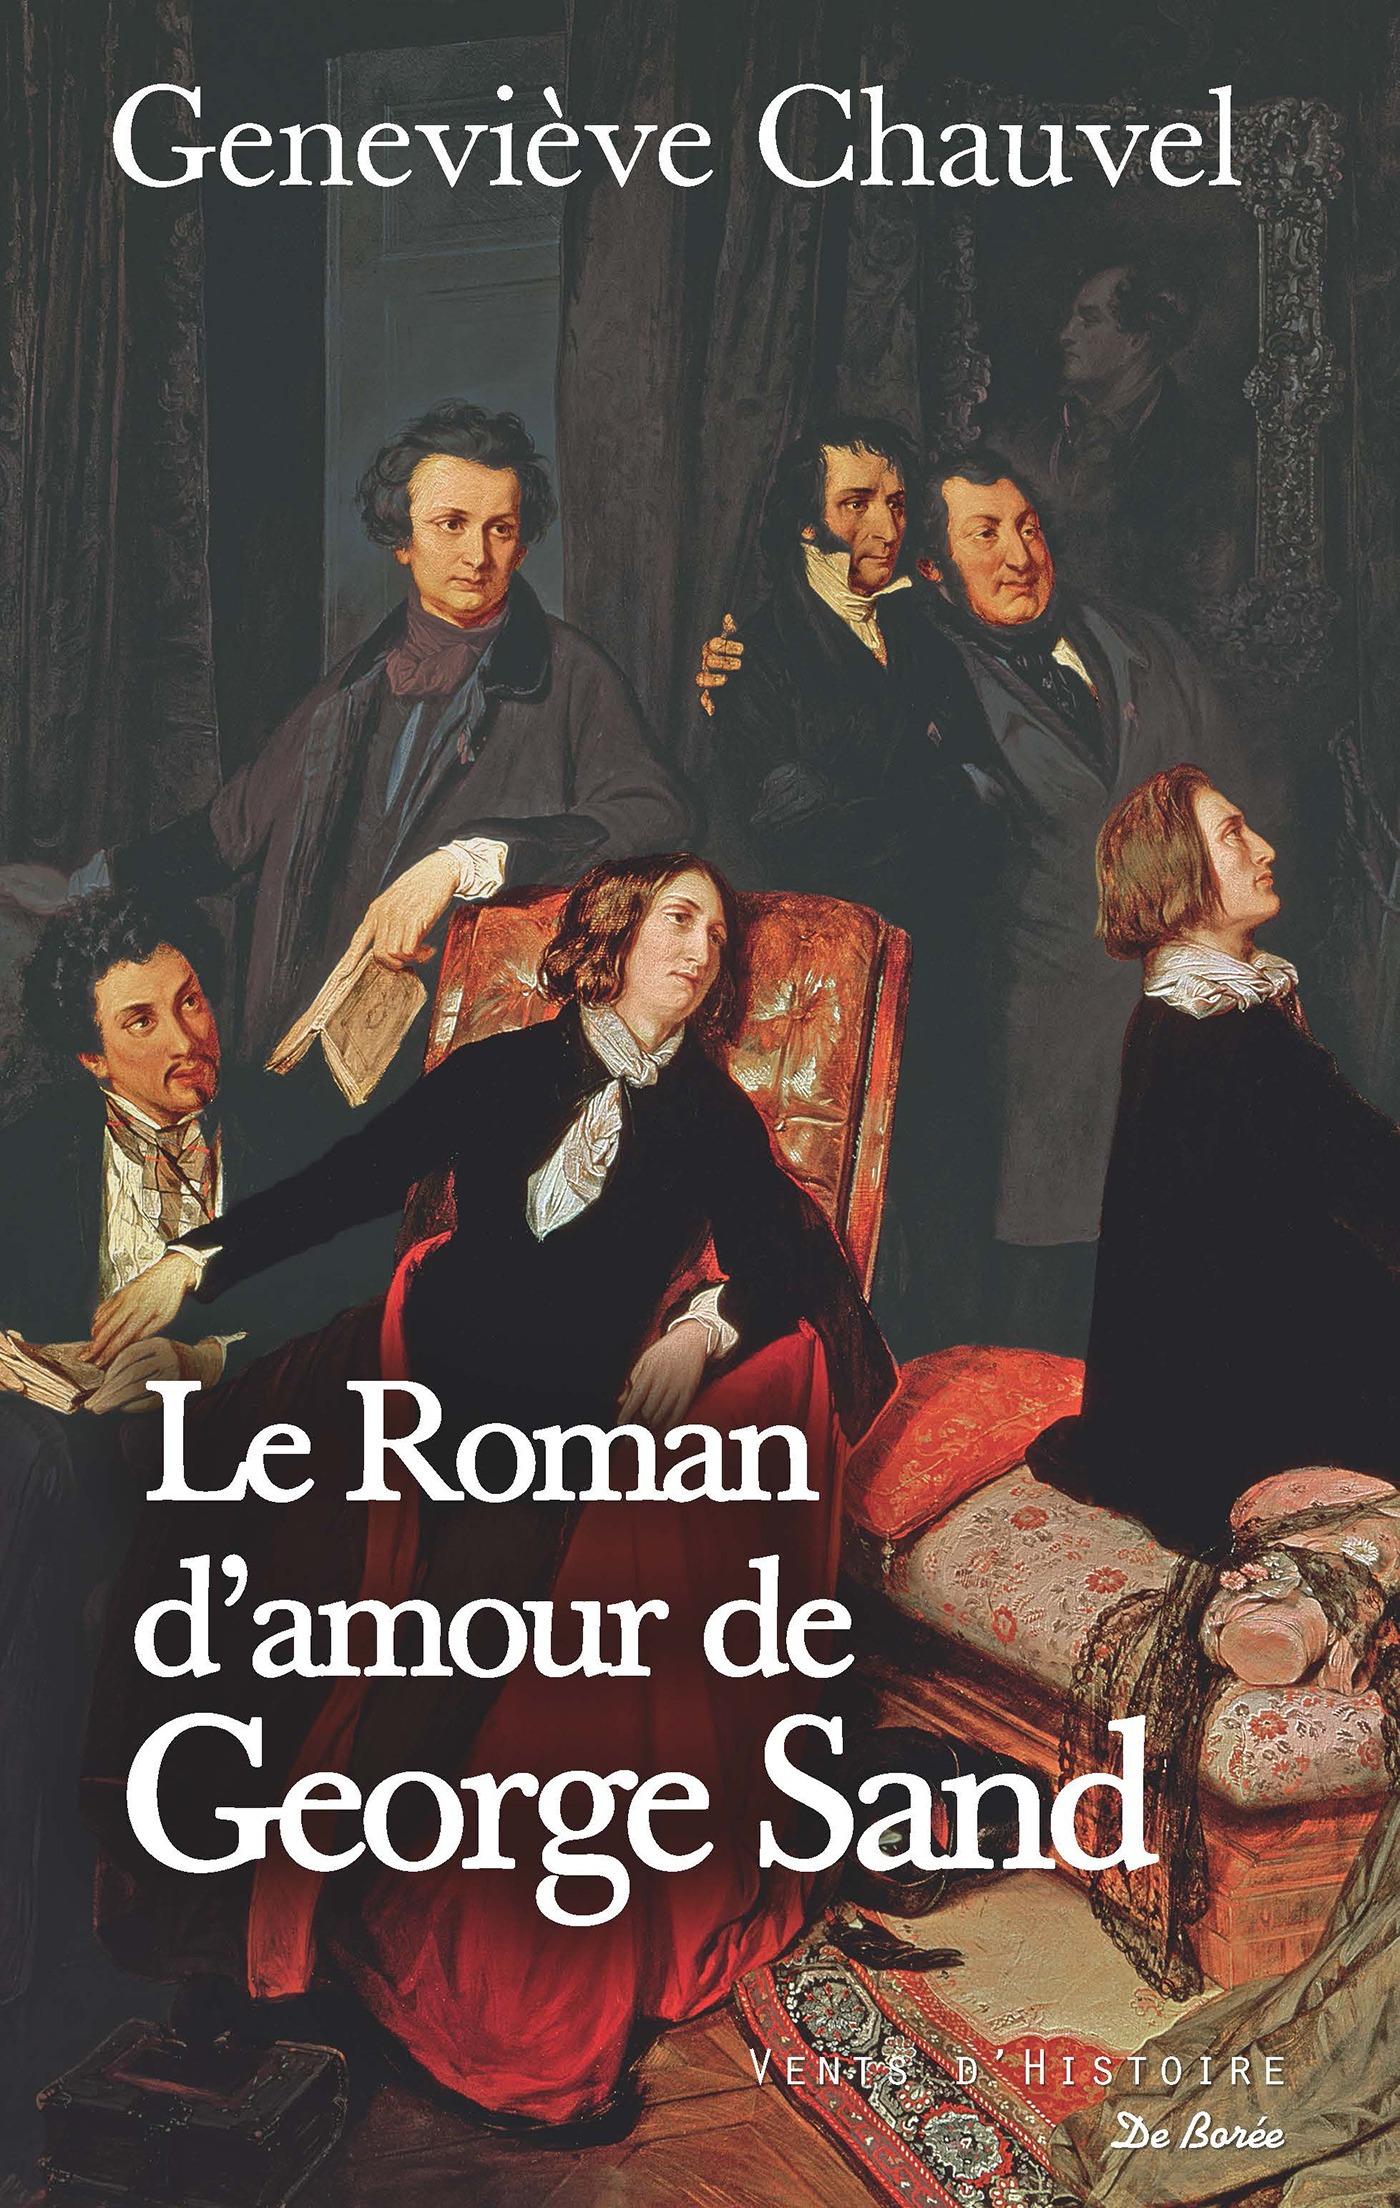 Le Roman d'amour de George Sand  - Geneviève Chauvel